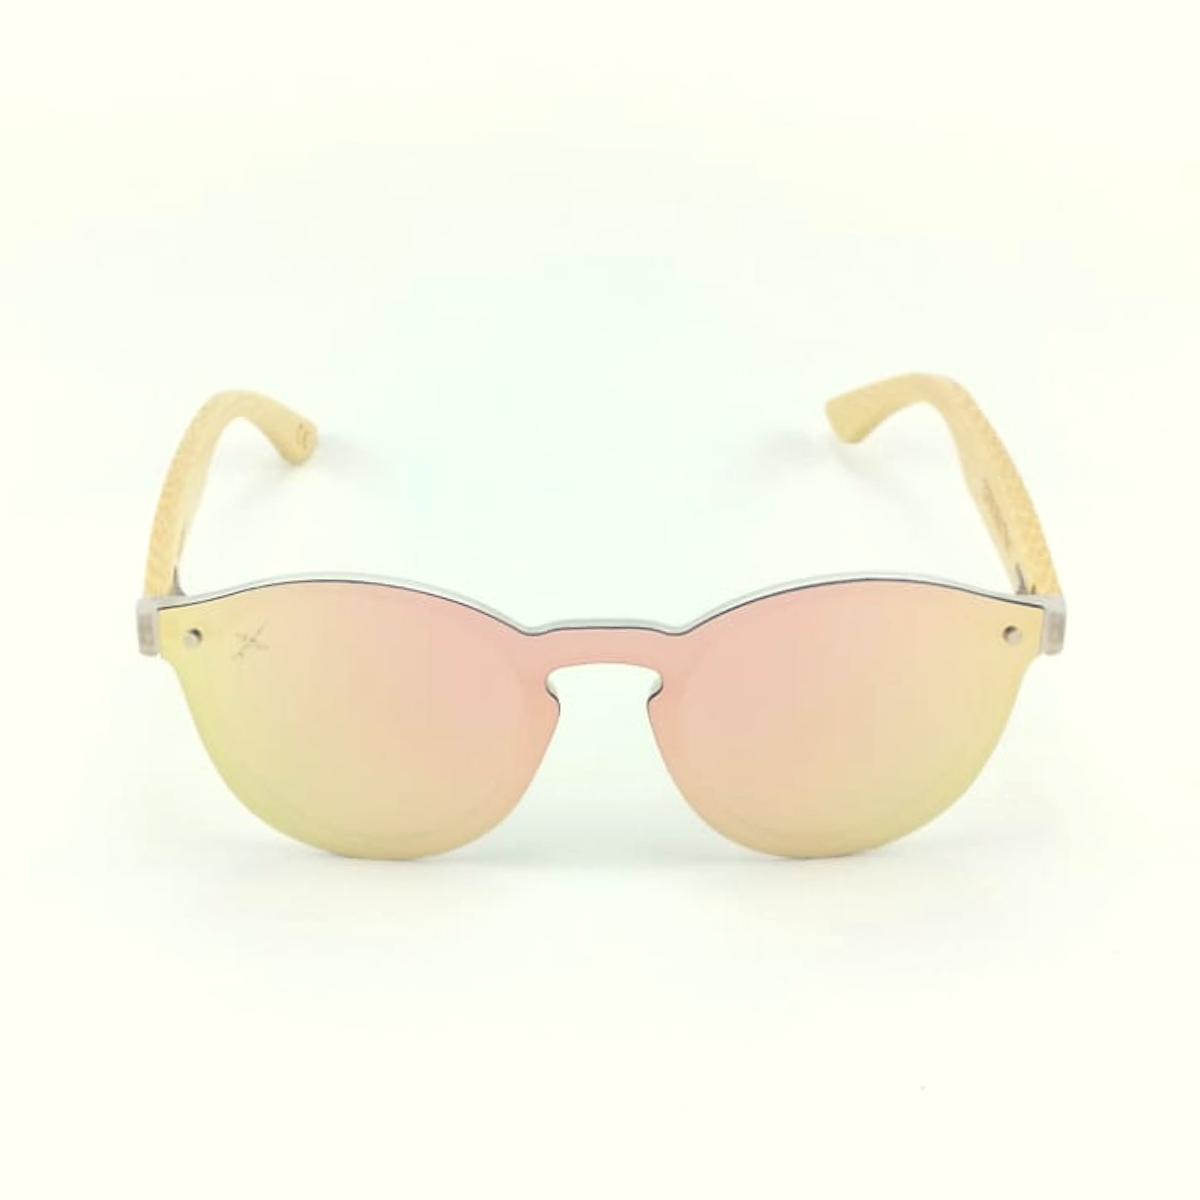 sito affidabile f61fa 96a20 Occhiali da sole in legno e plastica per donna   FELINAX